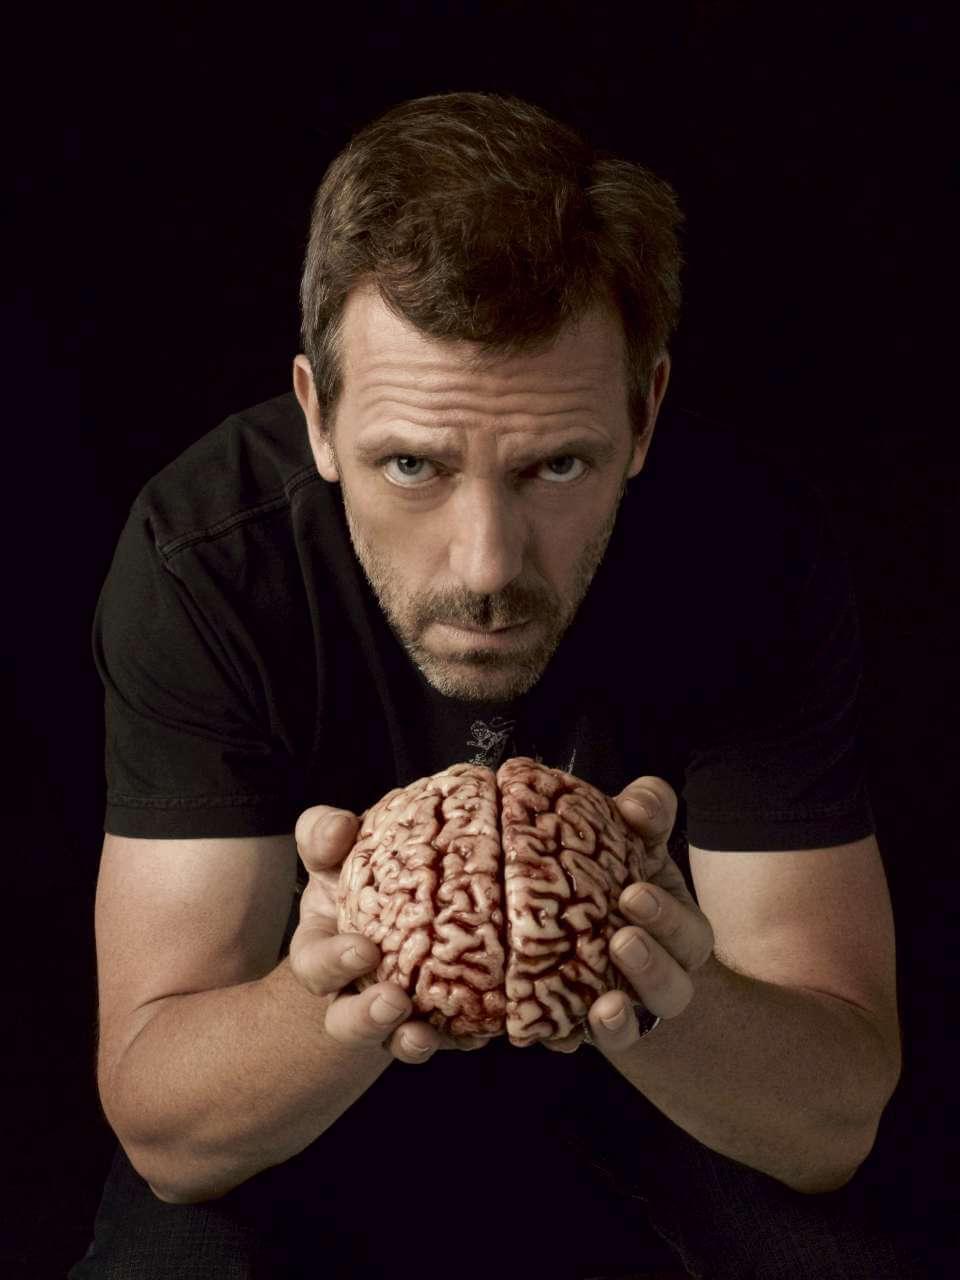 приятно видеть мозгов нету фото вниманию рецепты первых